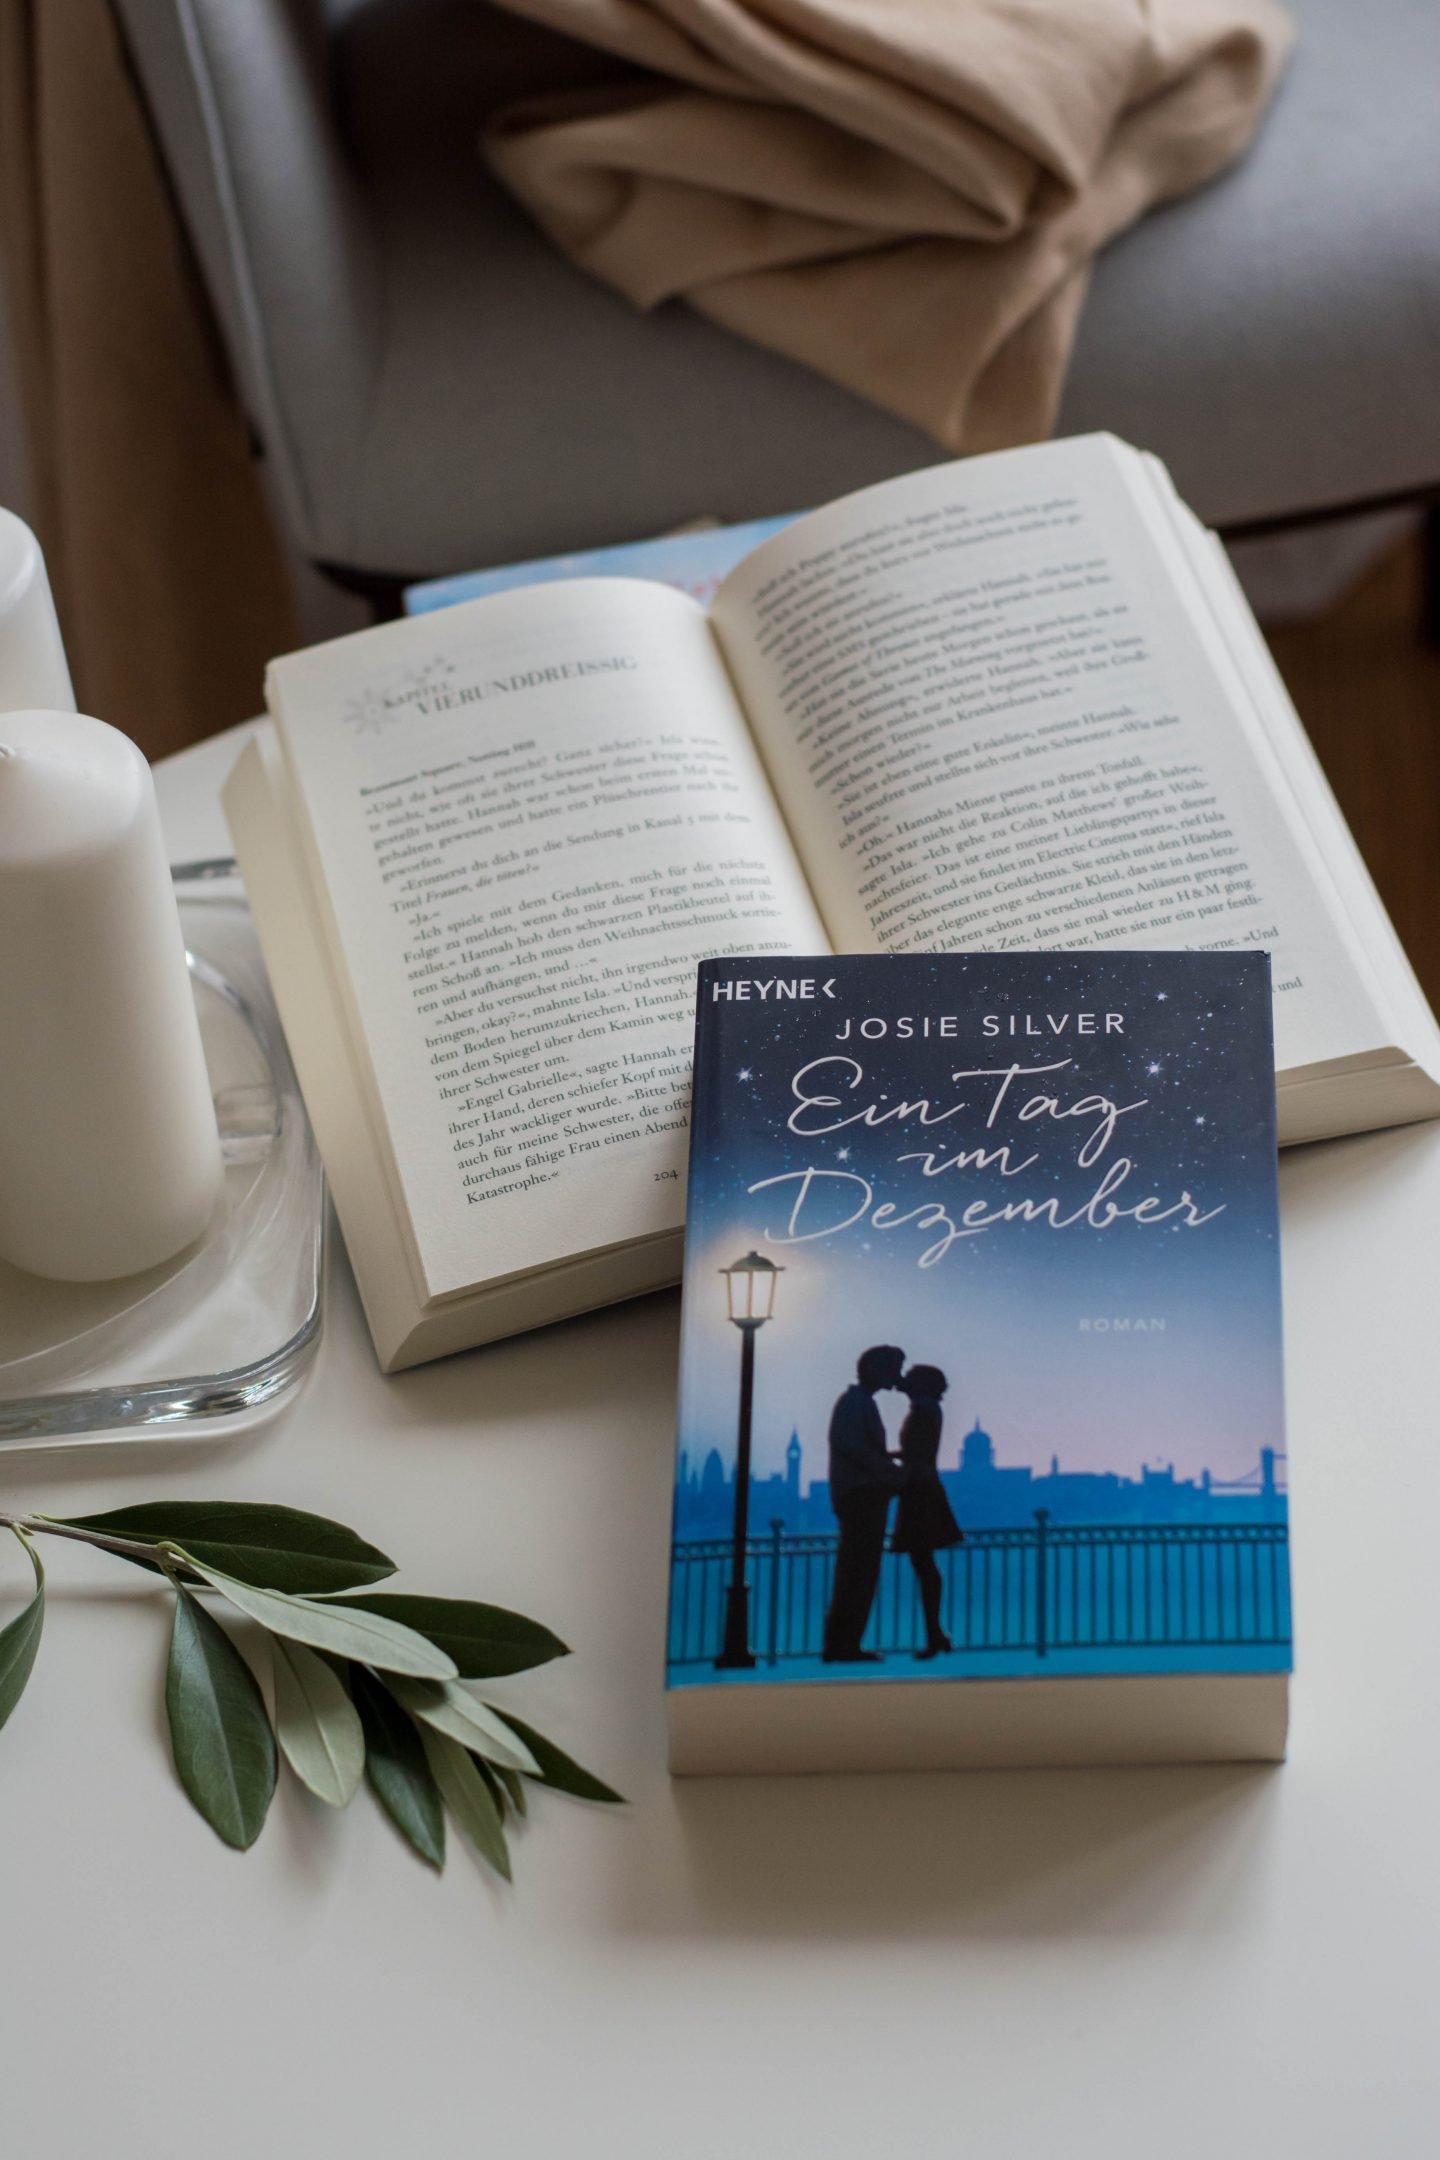 Lovestory, zwei finden sich, aus Freundschaft wird Liebe, ü40Blogger, Lifestyle, Lesen bildet, Lesespaß, Winterbücher, Winterlektüre